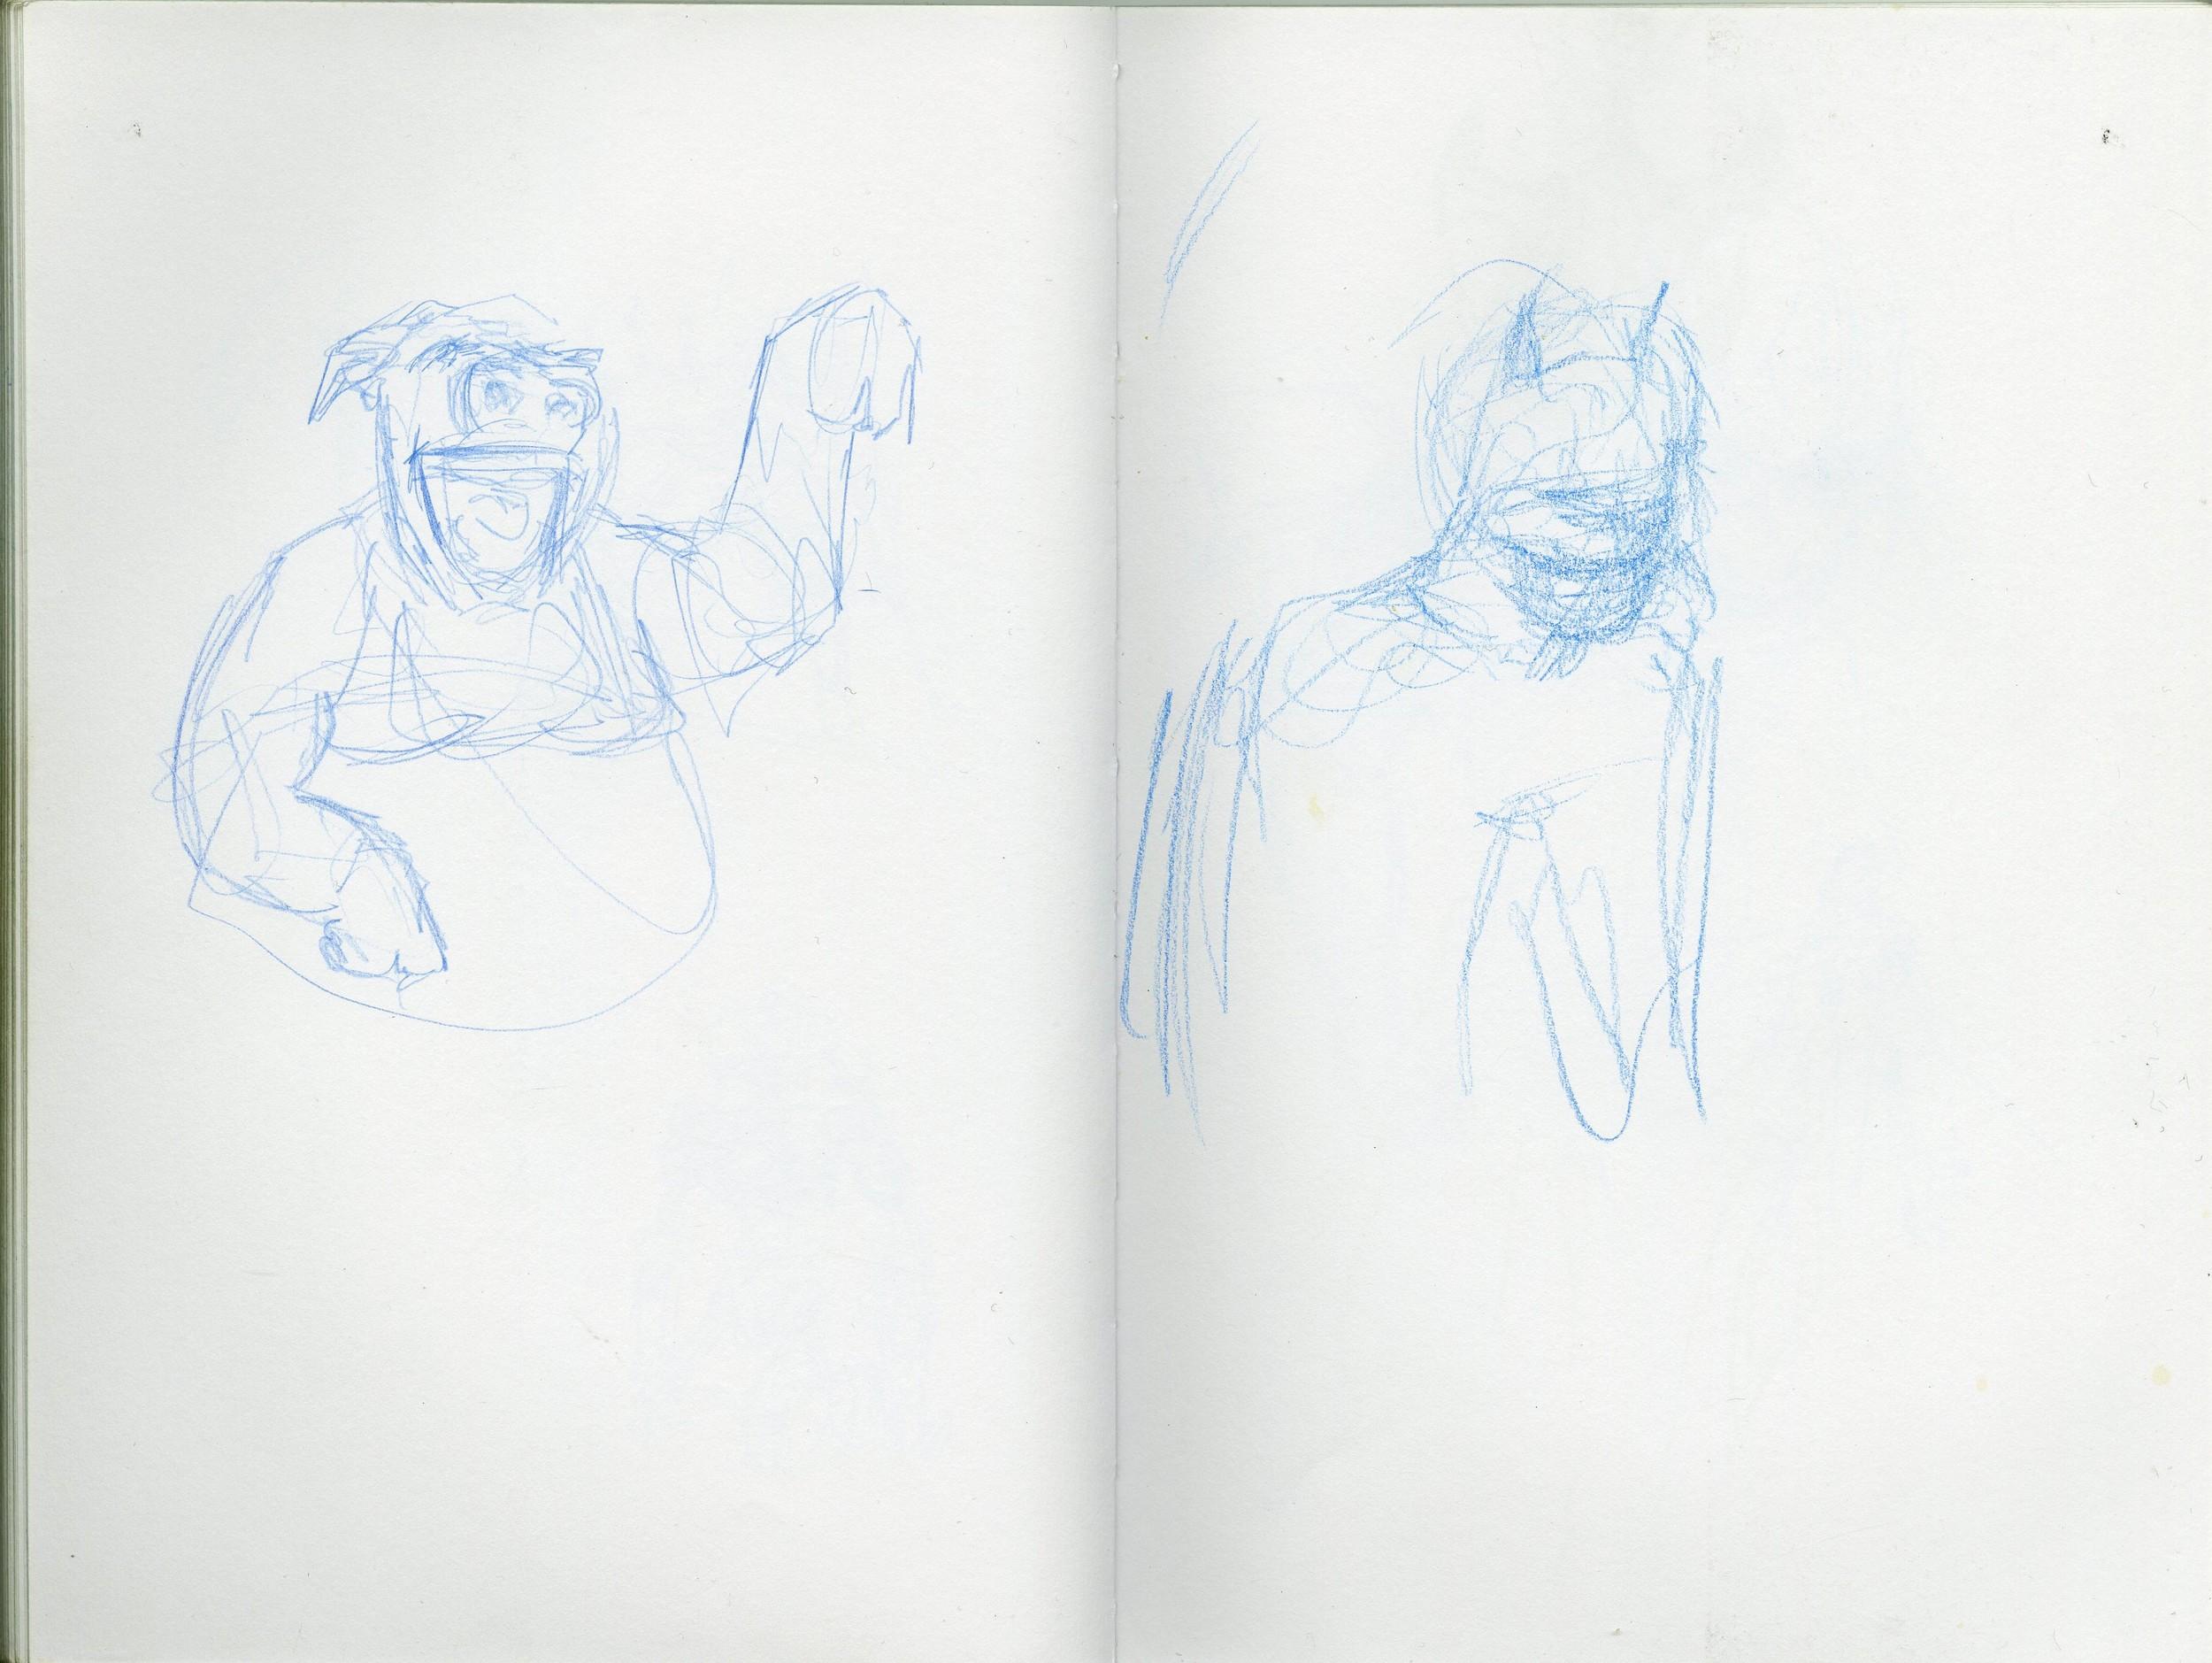 SketchbookScan108.jpg